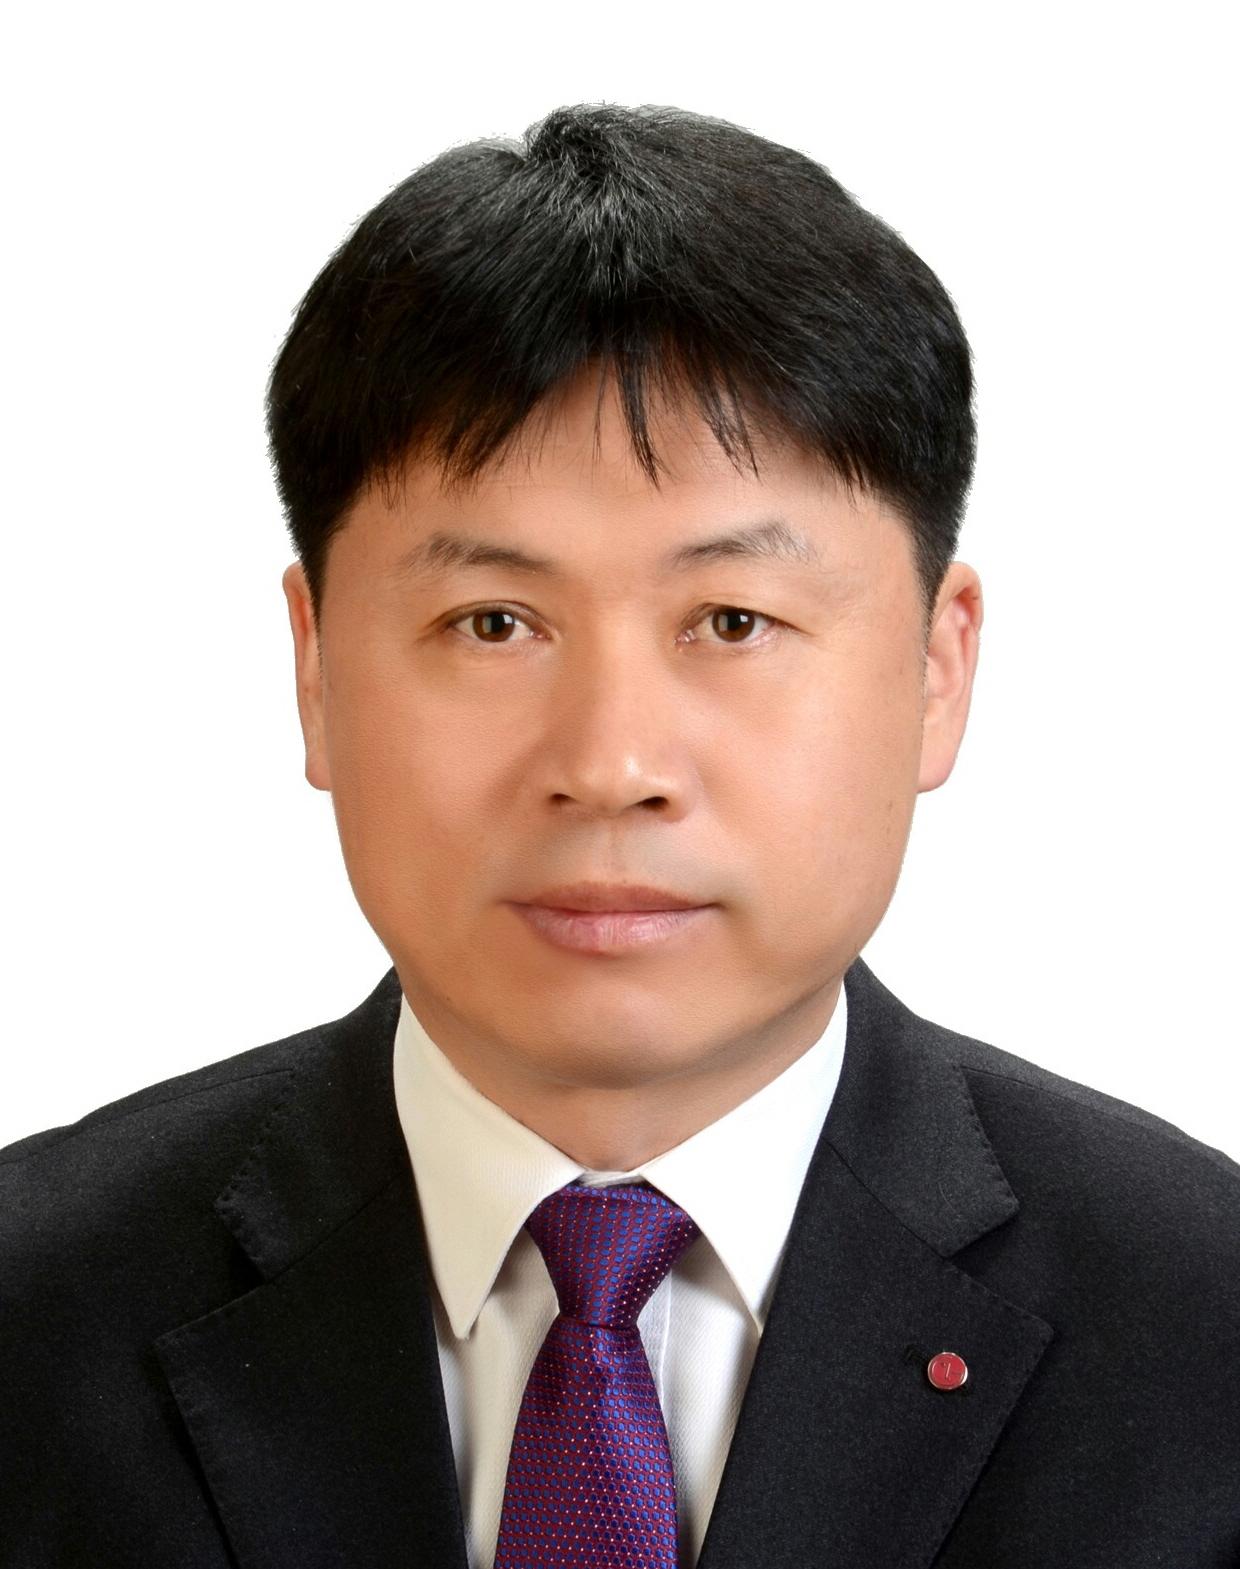 Lyu Jae-cheol_president of HA company